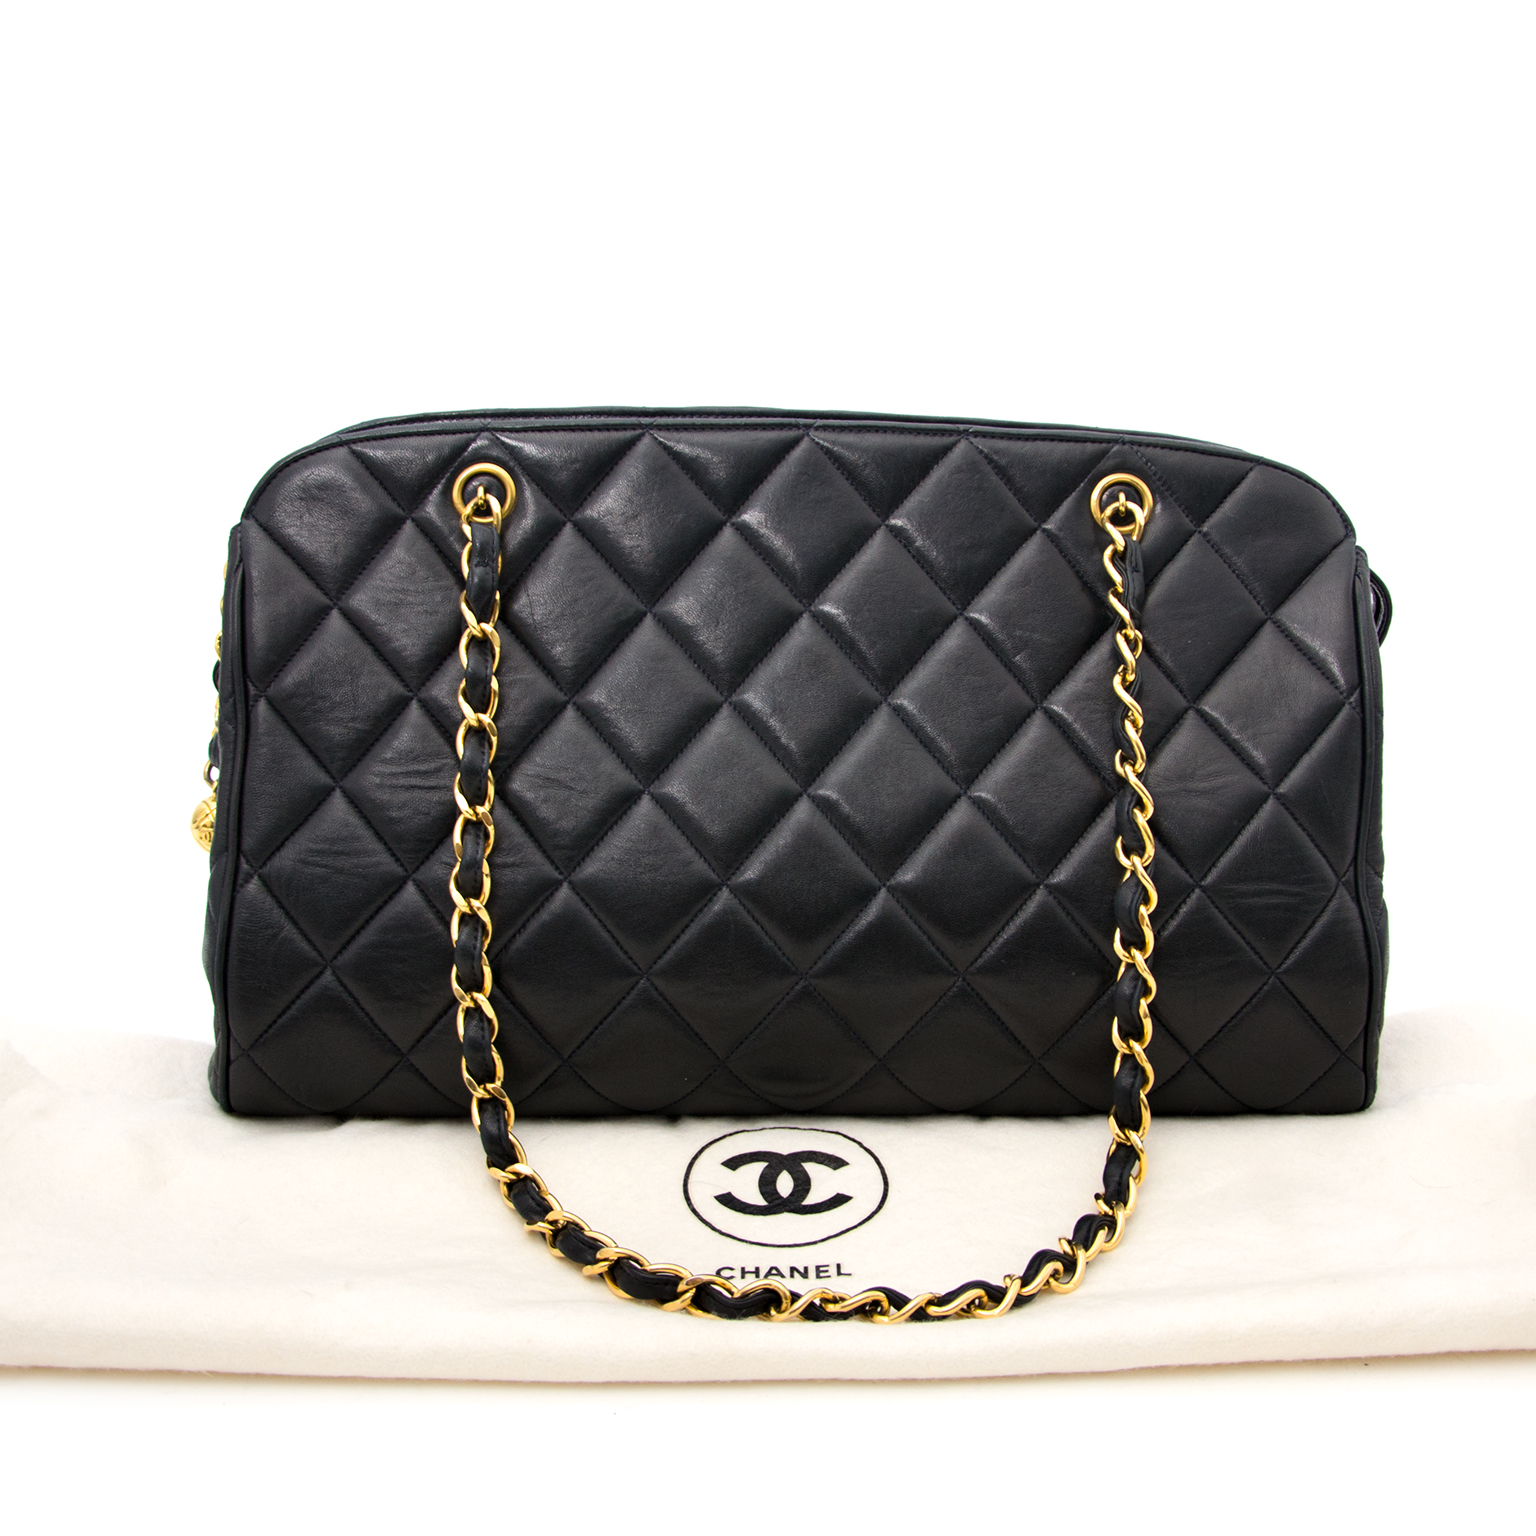 Acheter chanel quilted sac a epole en cuir chez labellov.com pour le meilleur prix.